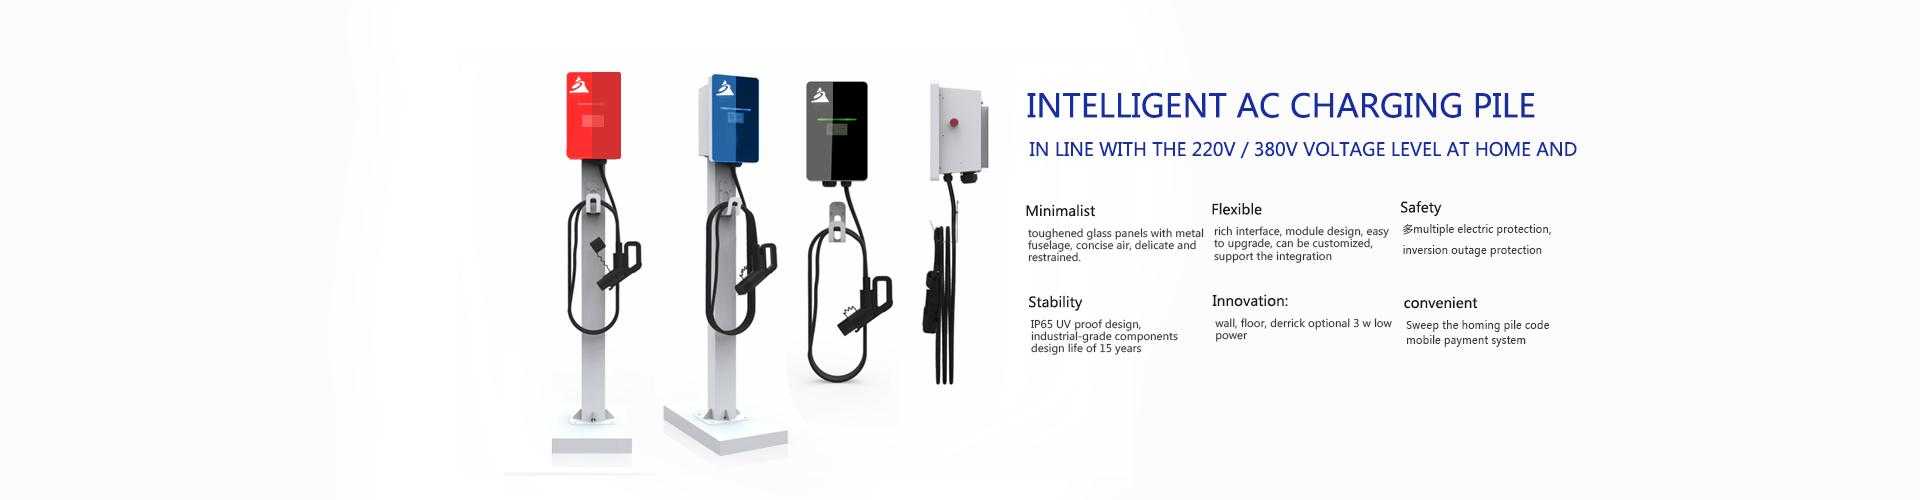 Single-phase ac charging